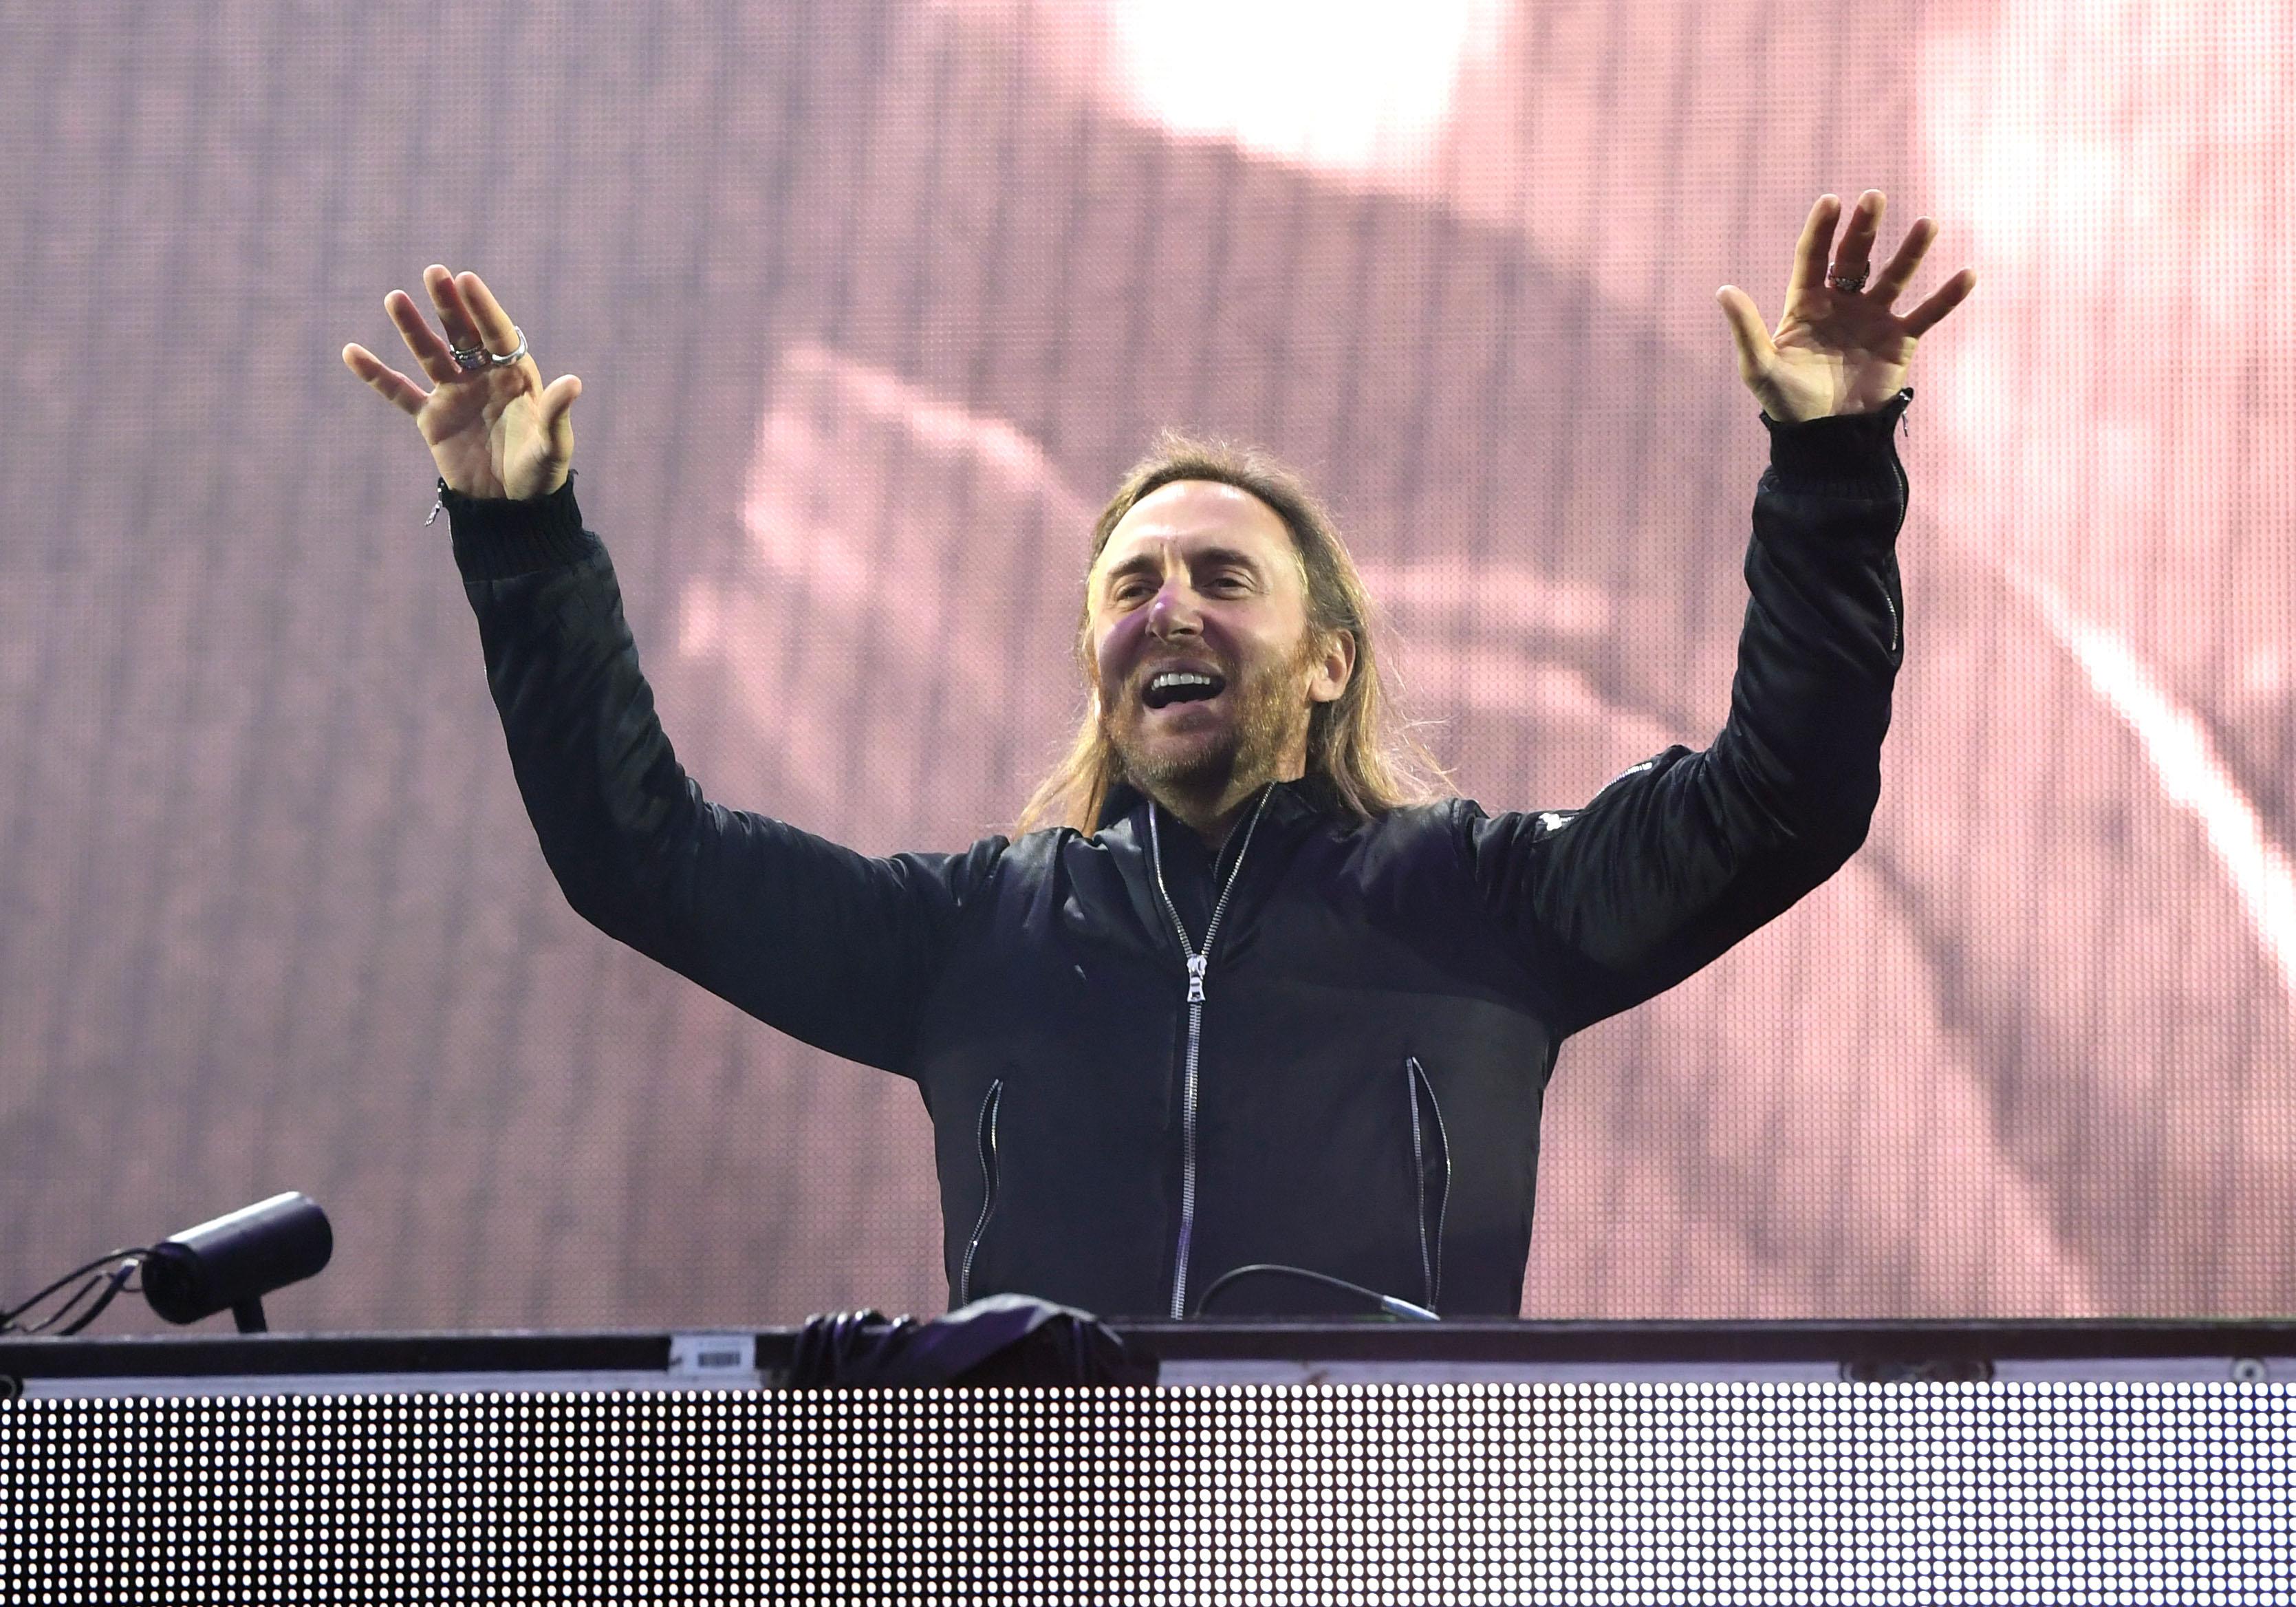 David Guetta V Festival At Hylands Park